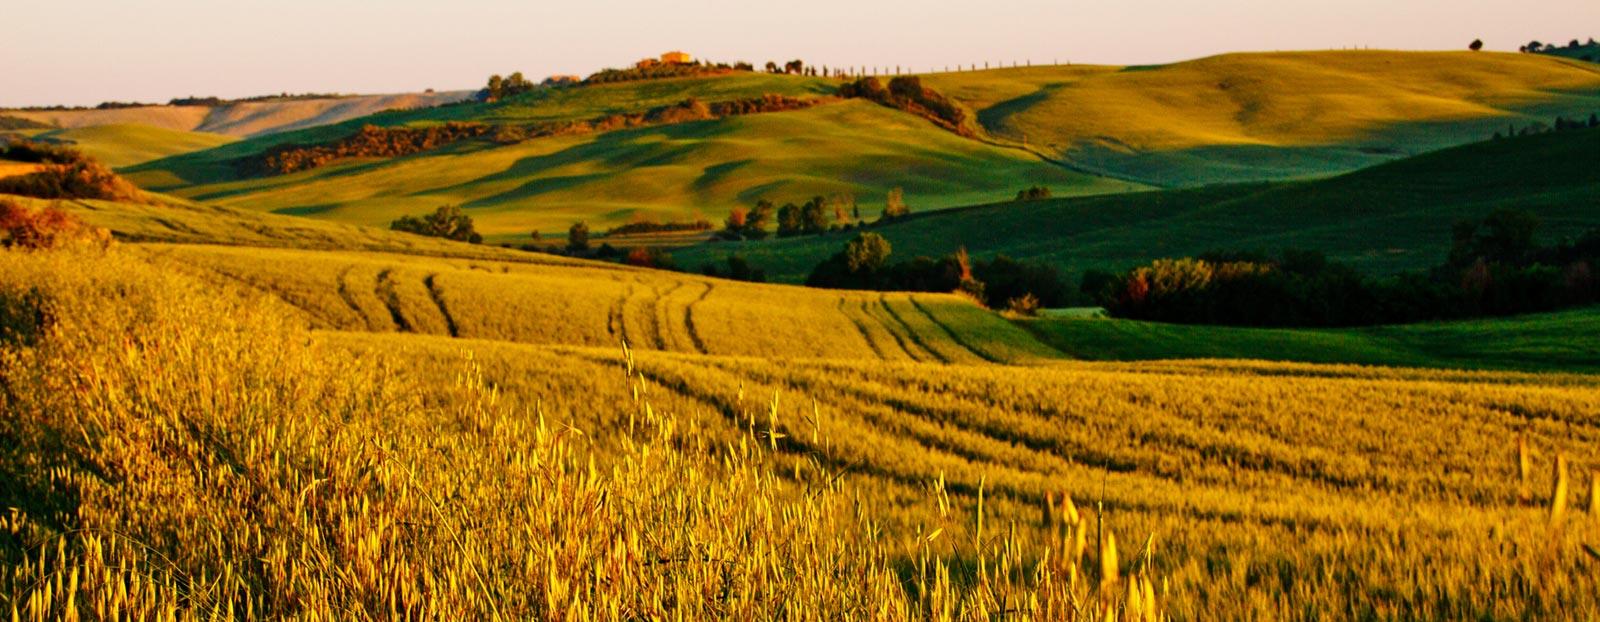 在自然栖息地生长着的燕麦